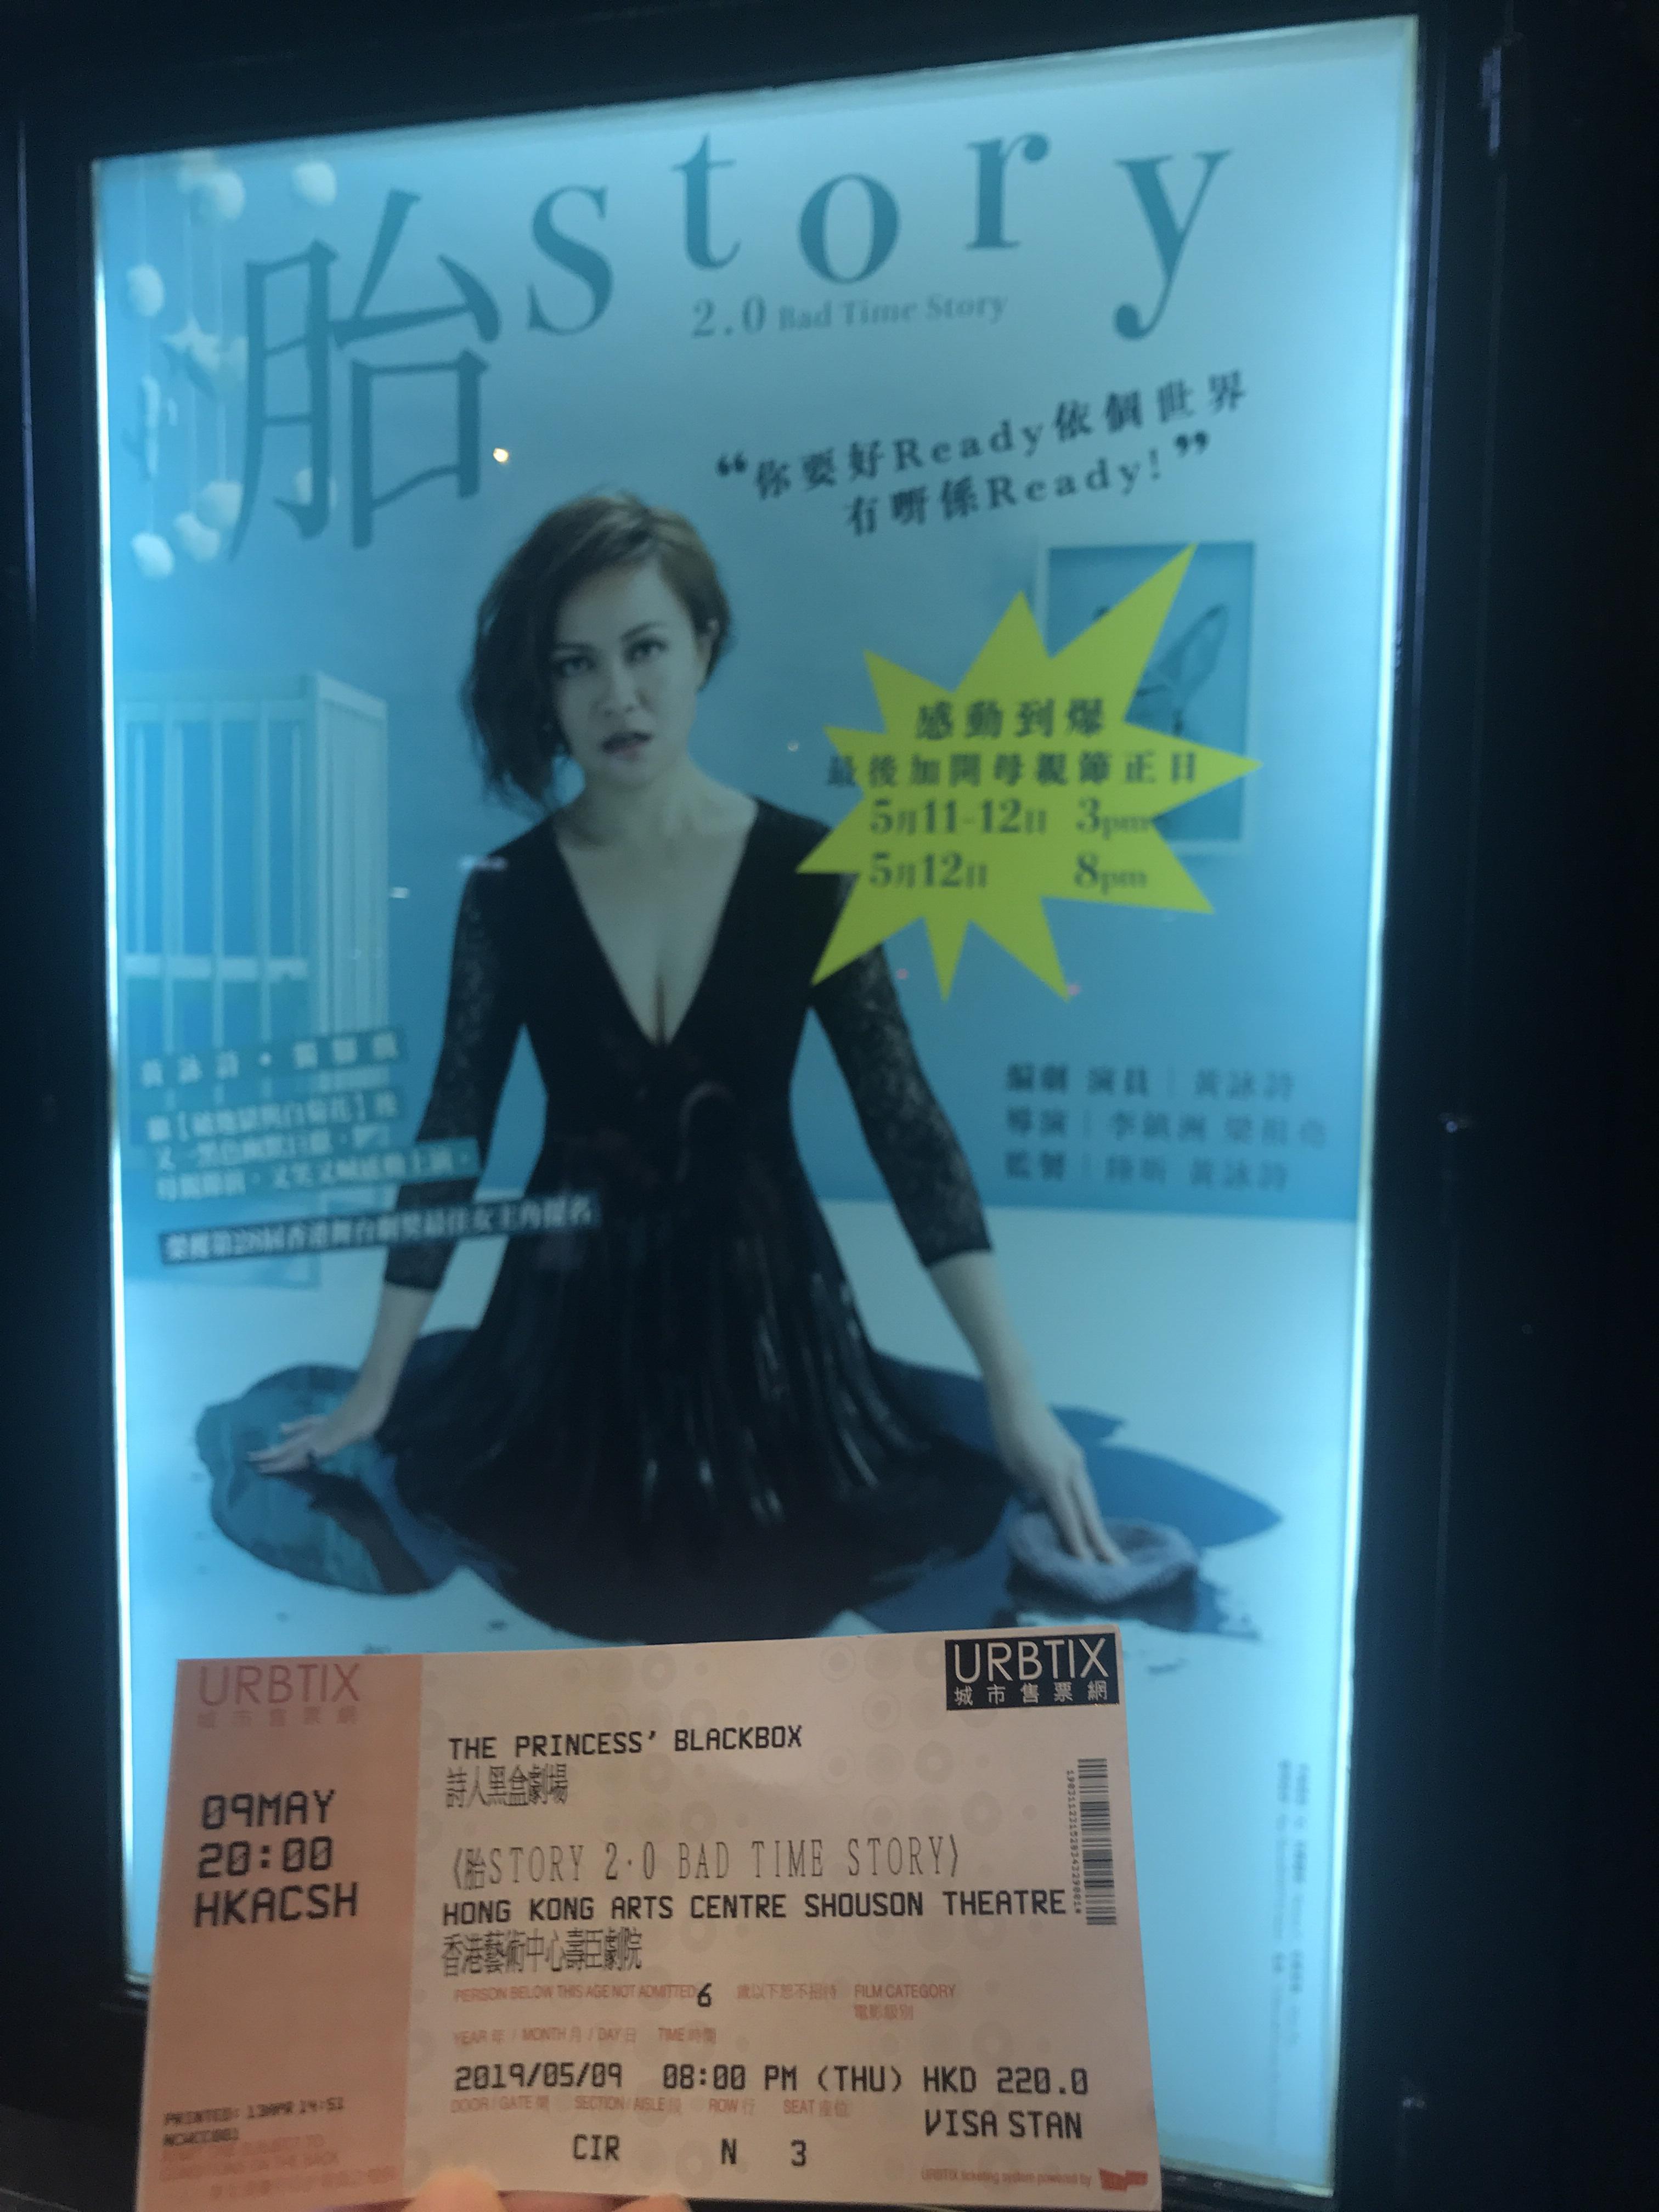 劇場惡毒女皇的《胎Story2.0 Bad Time Story》 – 敘事山谷村 – 香港敘事實踐經驗分享